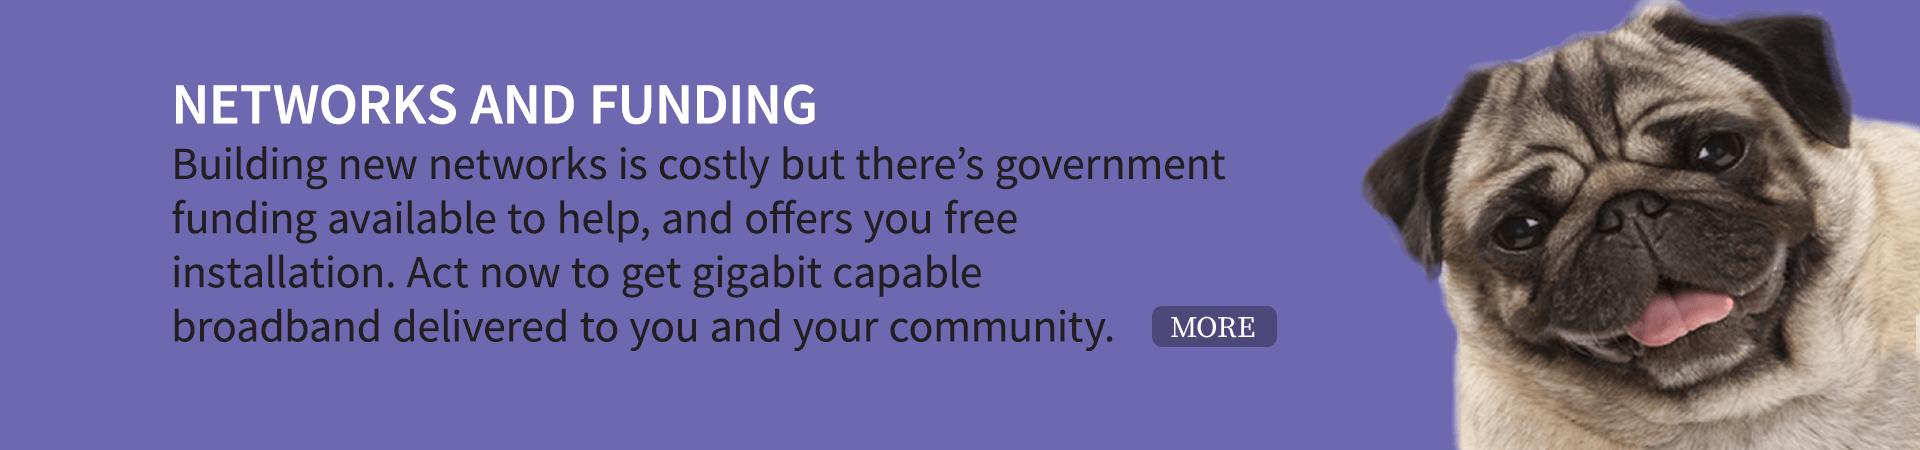 Network & Funding (banner)